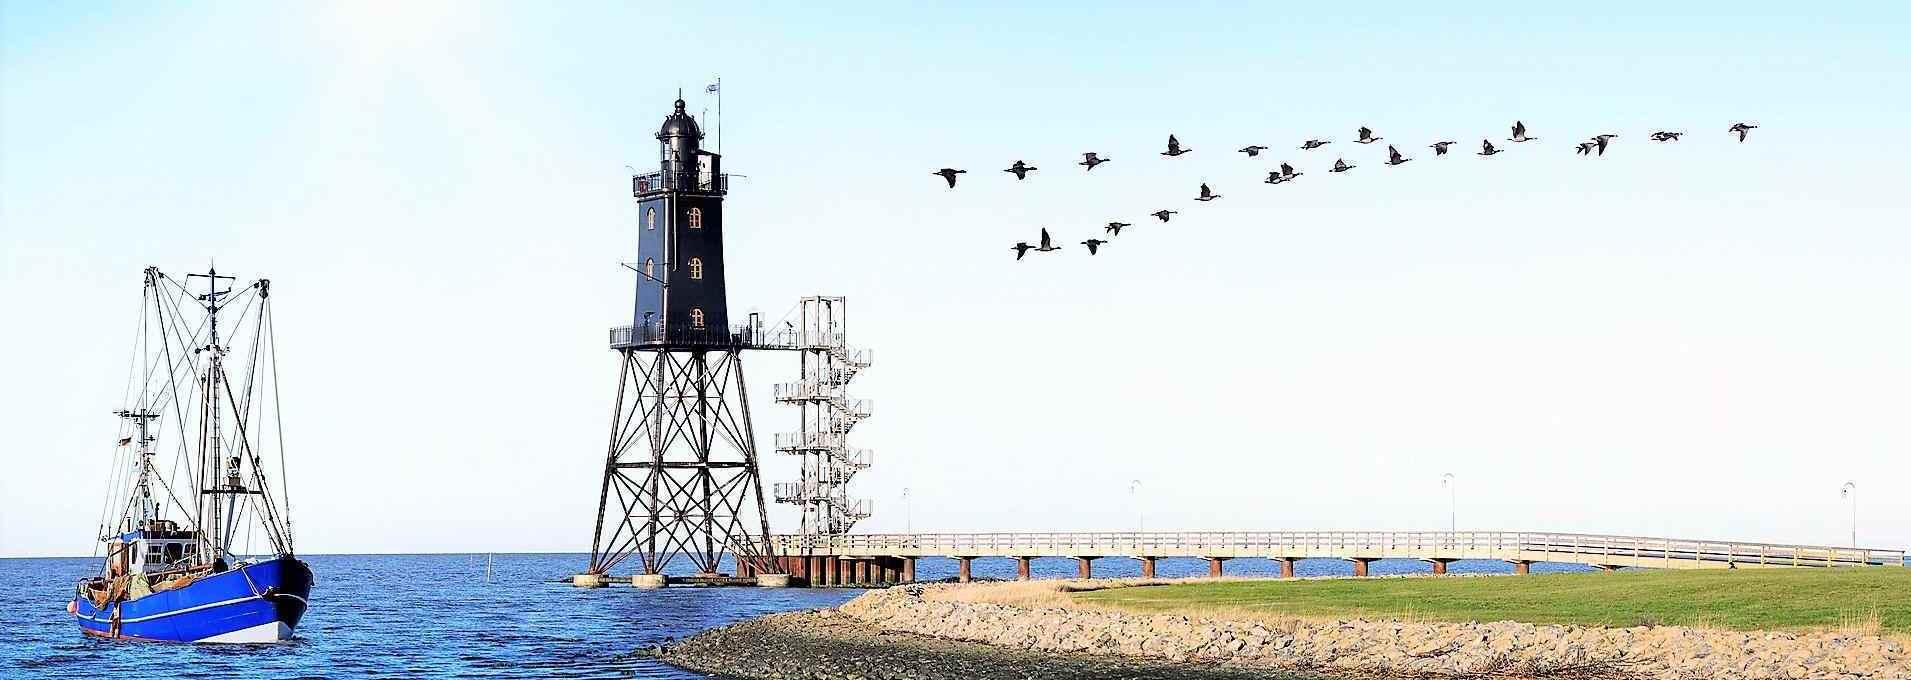 Leuchtturm Eversand mit Nordseebäderbrücke in Dorum-Neufeld